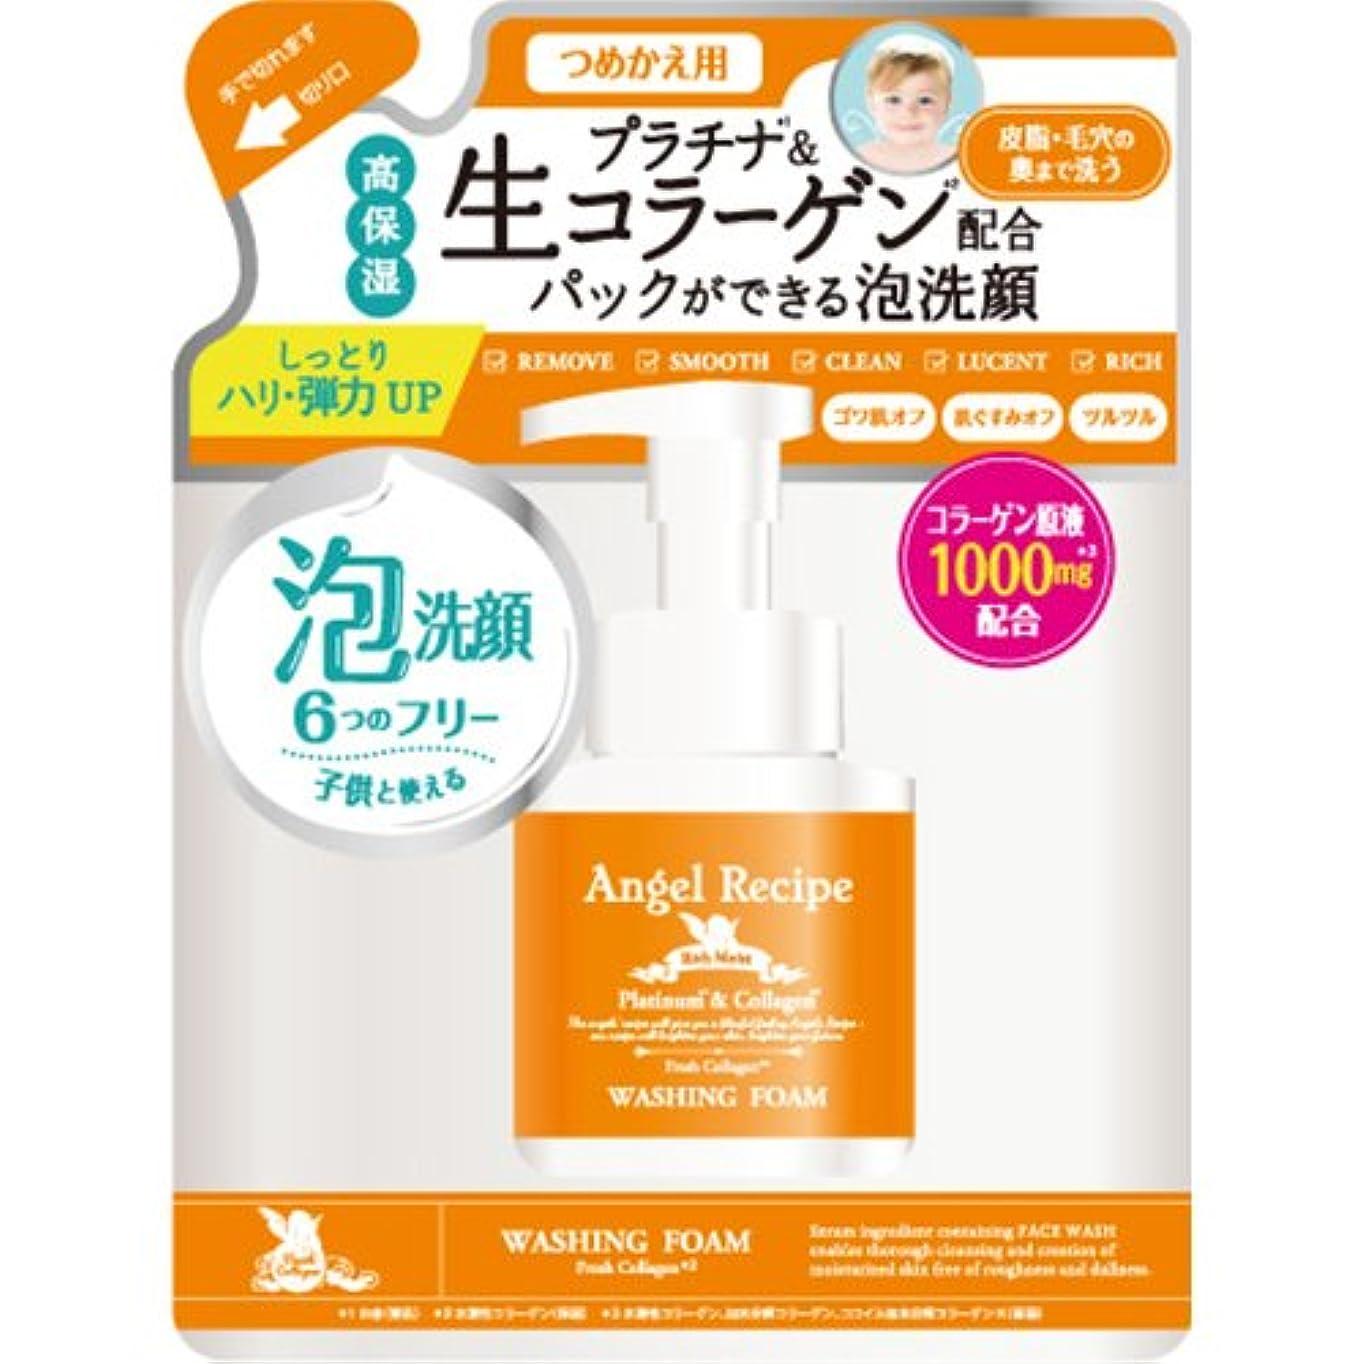 マッサージ組韓国AngelRecipe エンジェルレシピ リッチモイスト 泡洗顔 詰替え 130ml